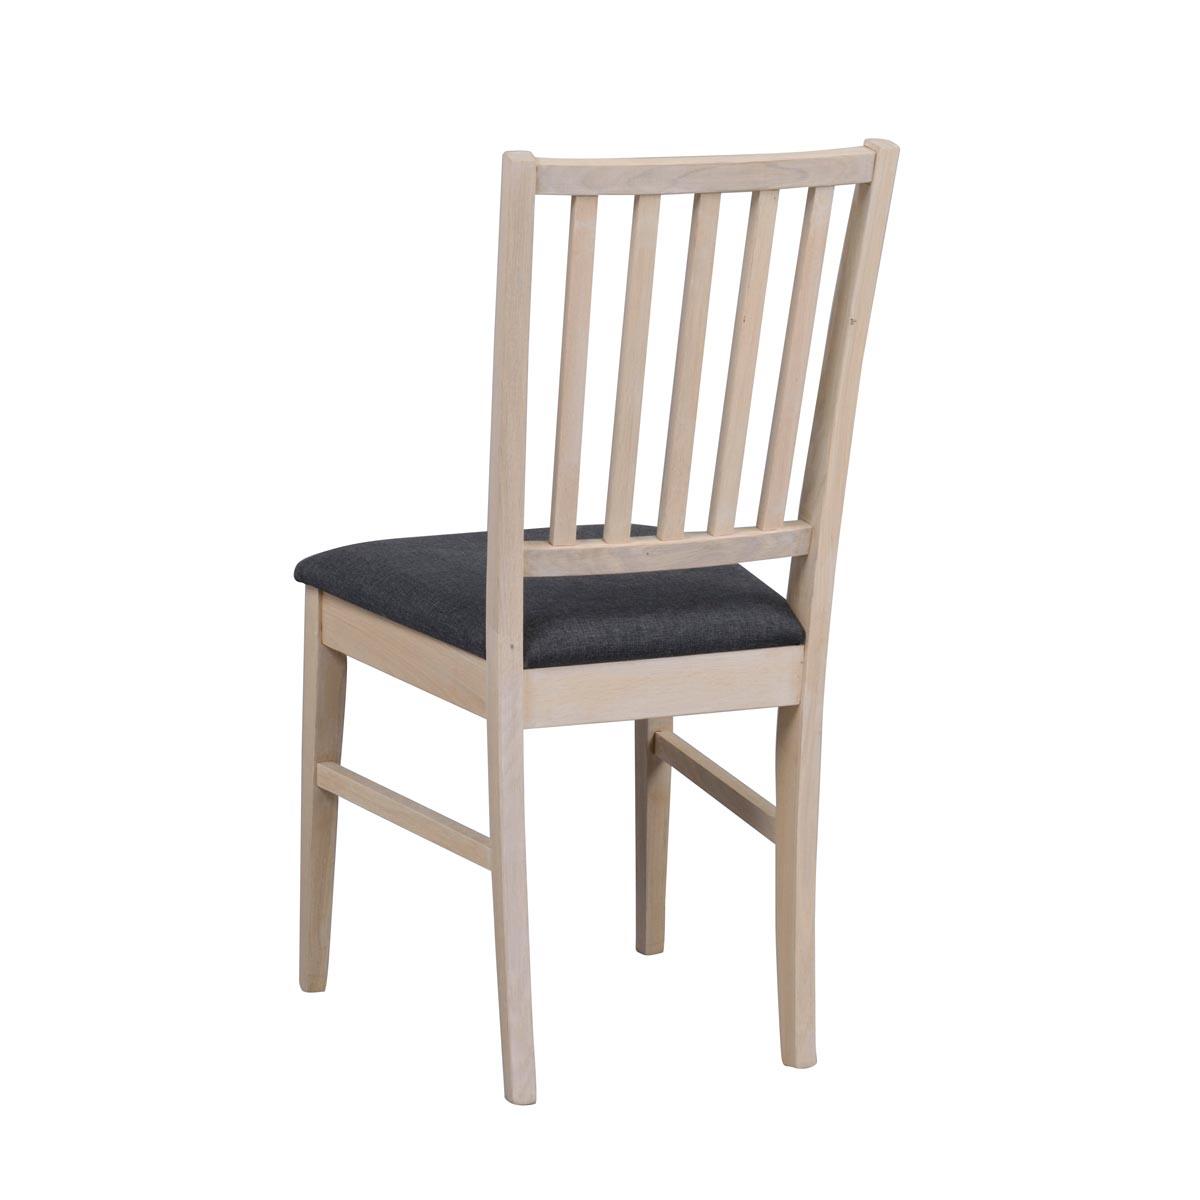 Vasa stol ww grå sits rygg